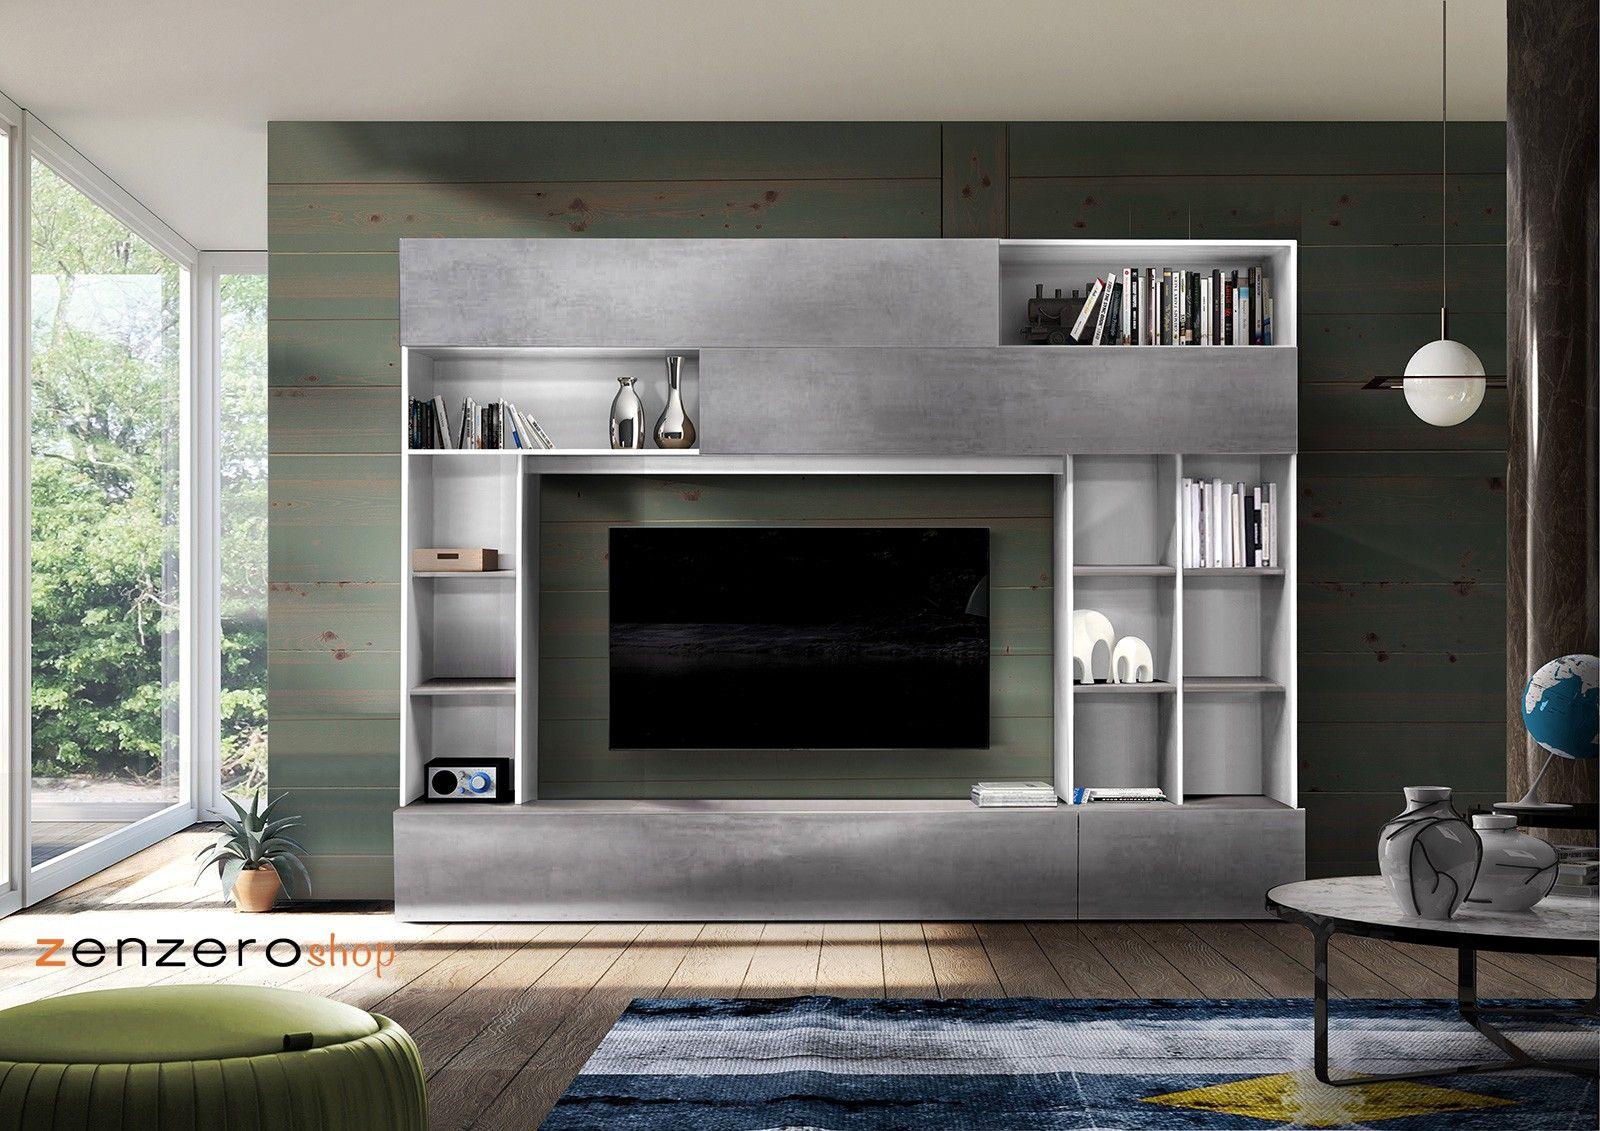 Foto Parete Attrezzata Moderne.Parete Attrezzata Moderna E Di Design In Finitura Beton E